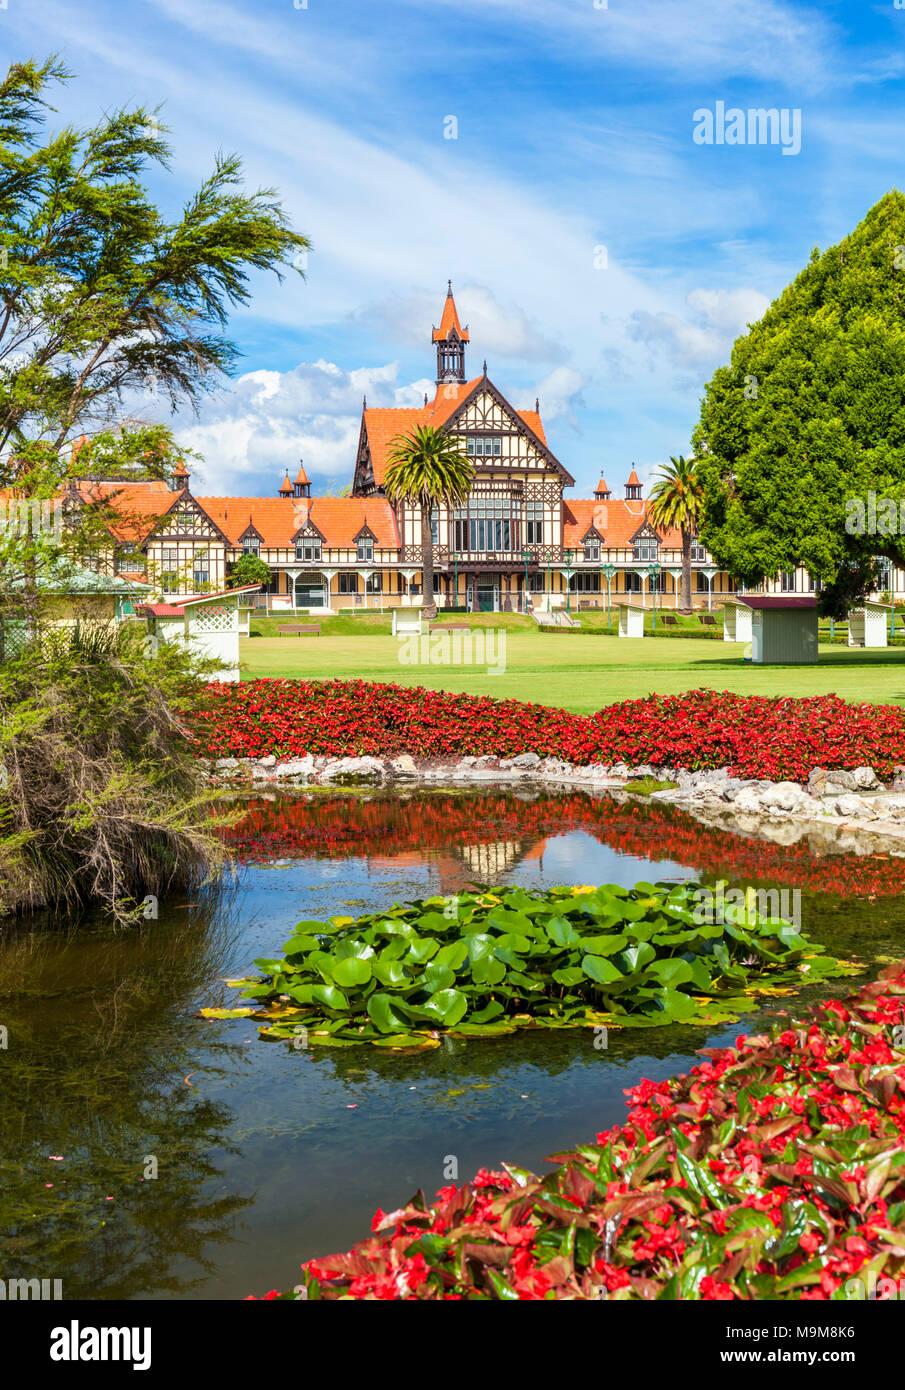 Nueva Zelanda ROTORUA Nueva Zelanda Rotorua Museo de estilo tudor Government Gardens ciudad de Rotorua en la Isla del Norte, Nueva Zelanda Foto de stock